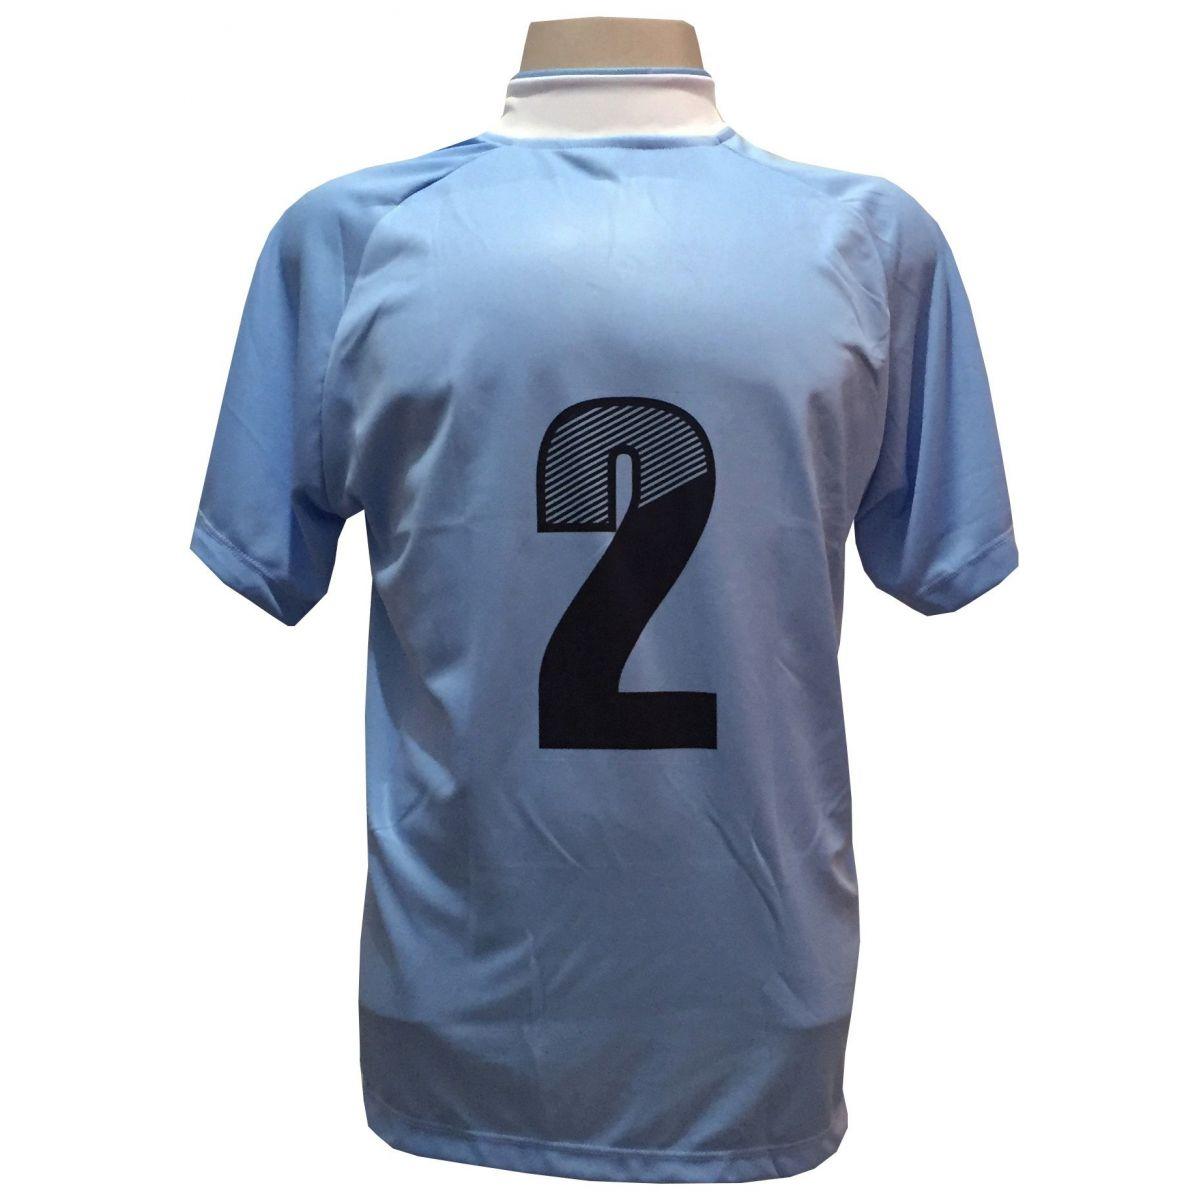 Jogo de Camisa com 18 unidades modelo Milan Celeste/Branco